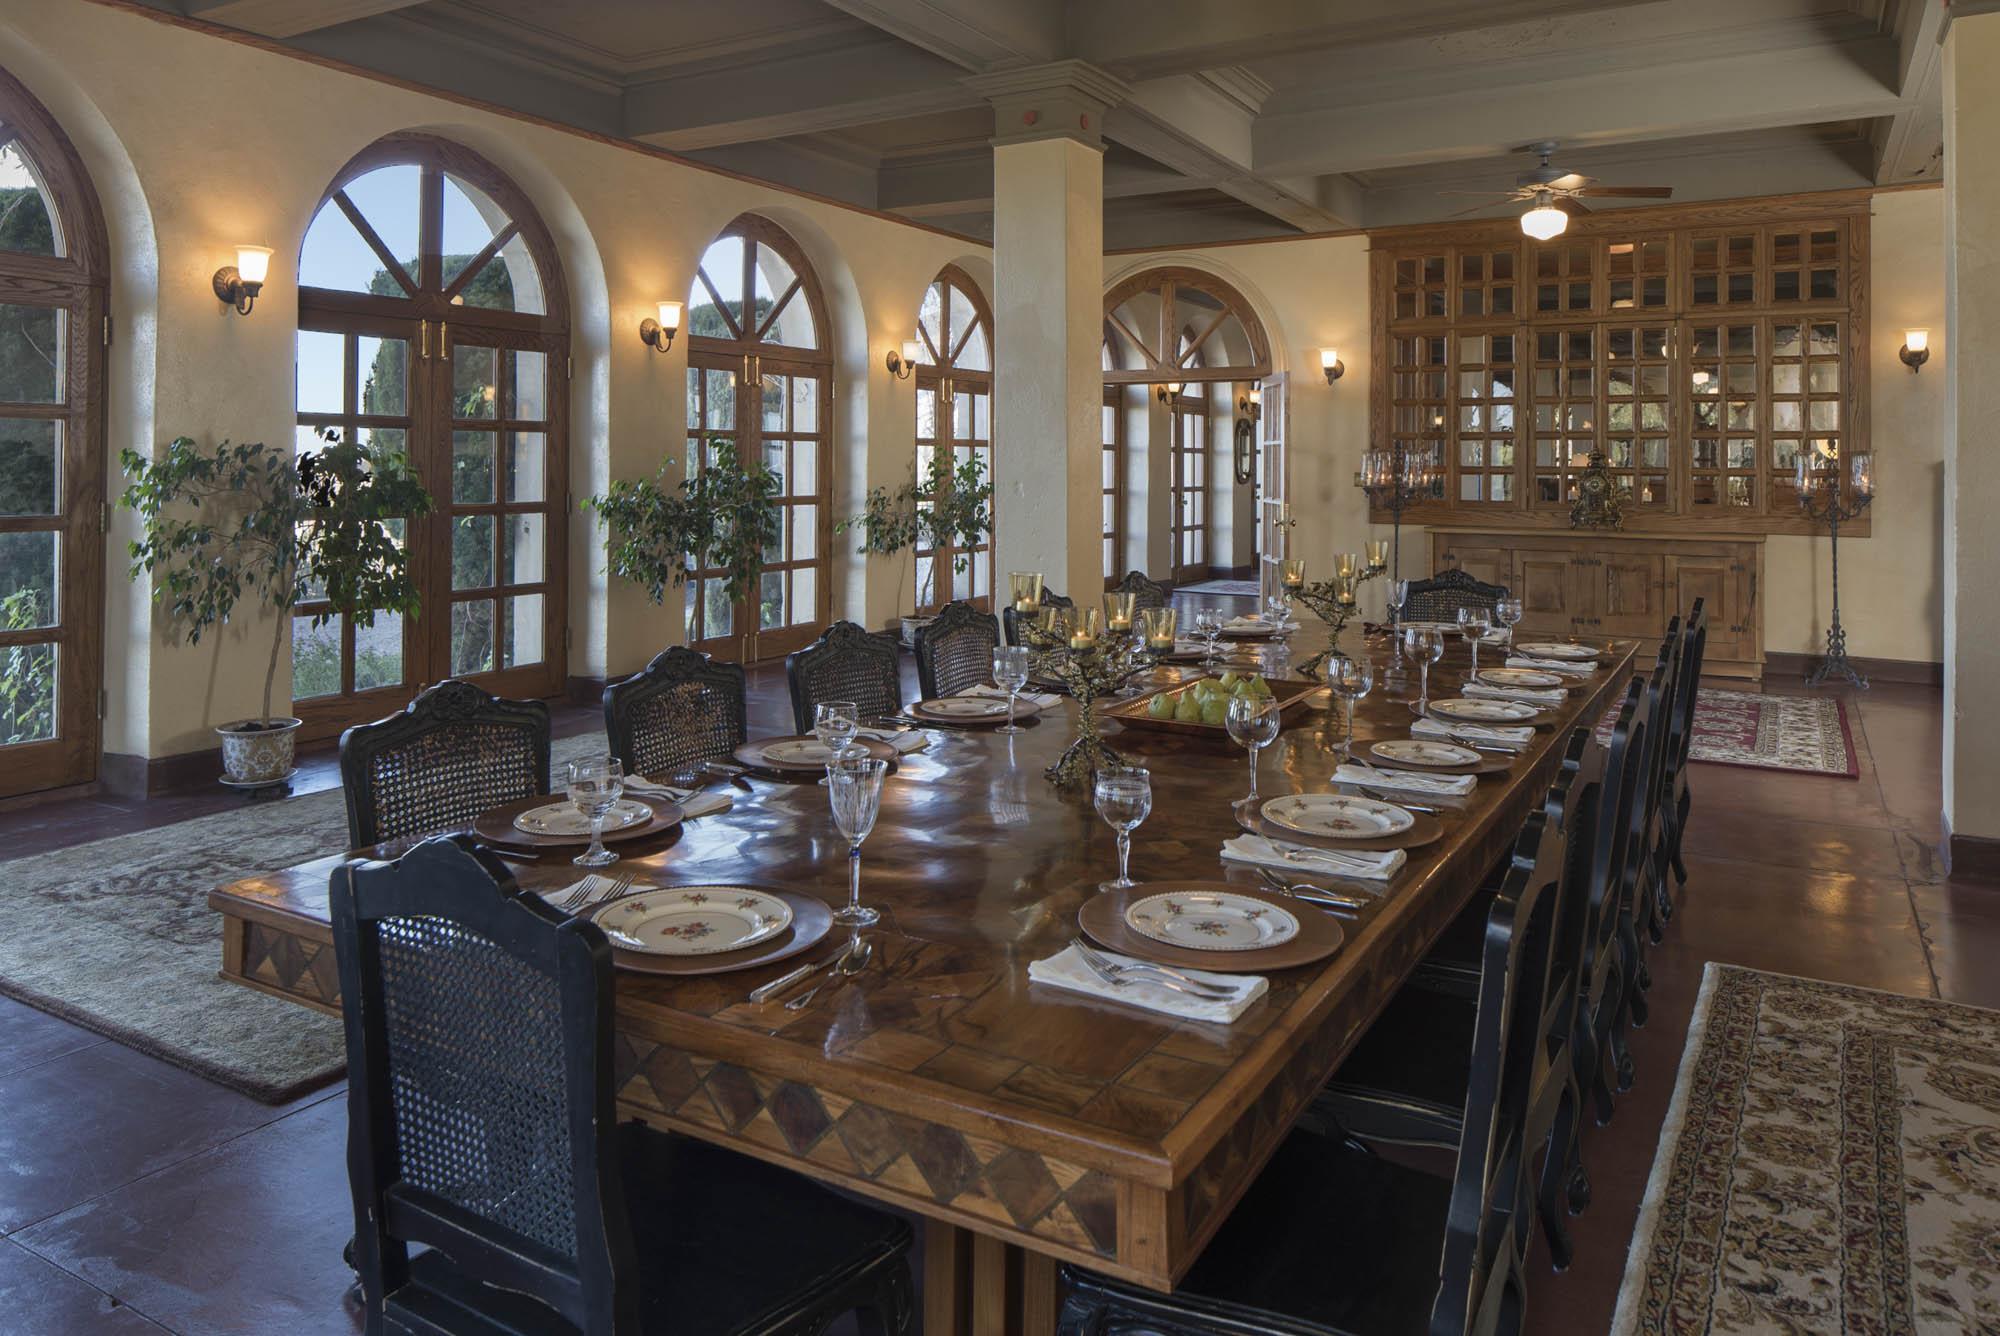 La casa ricreare lo stile del vecchio hotel / Sotheby's International Realty